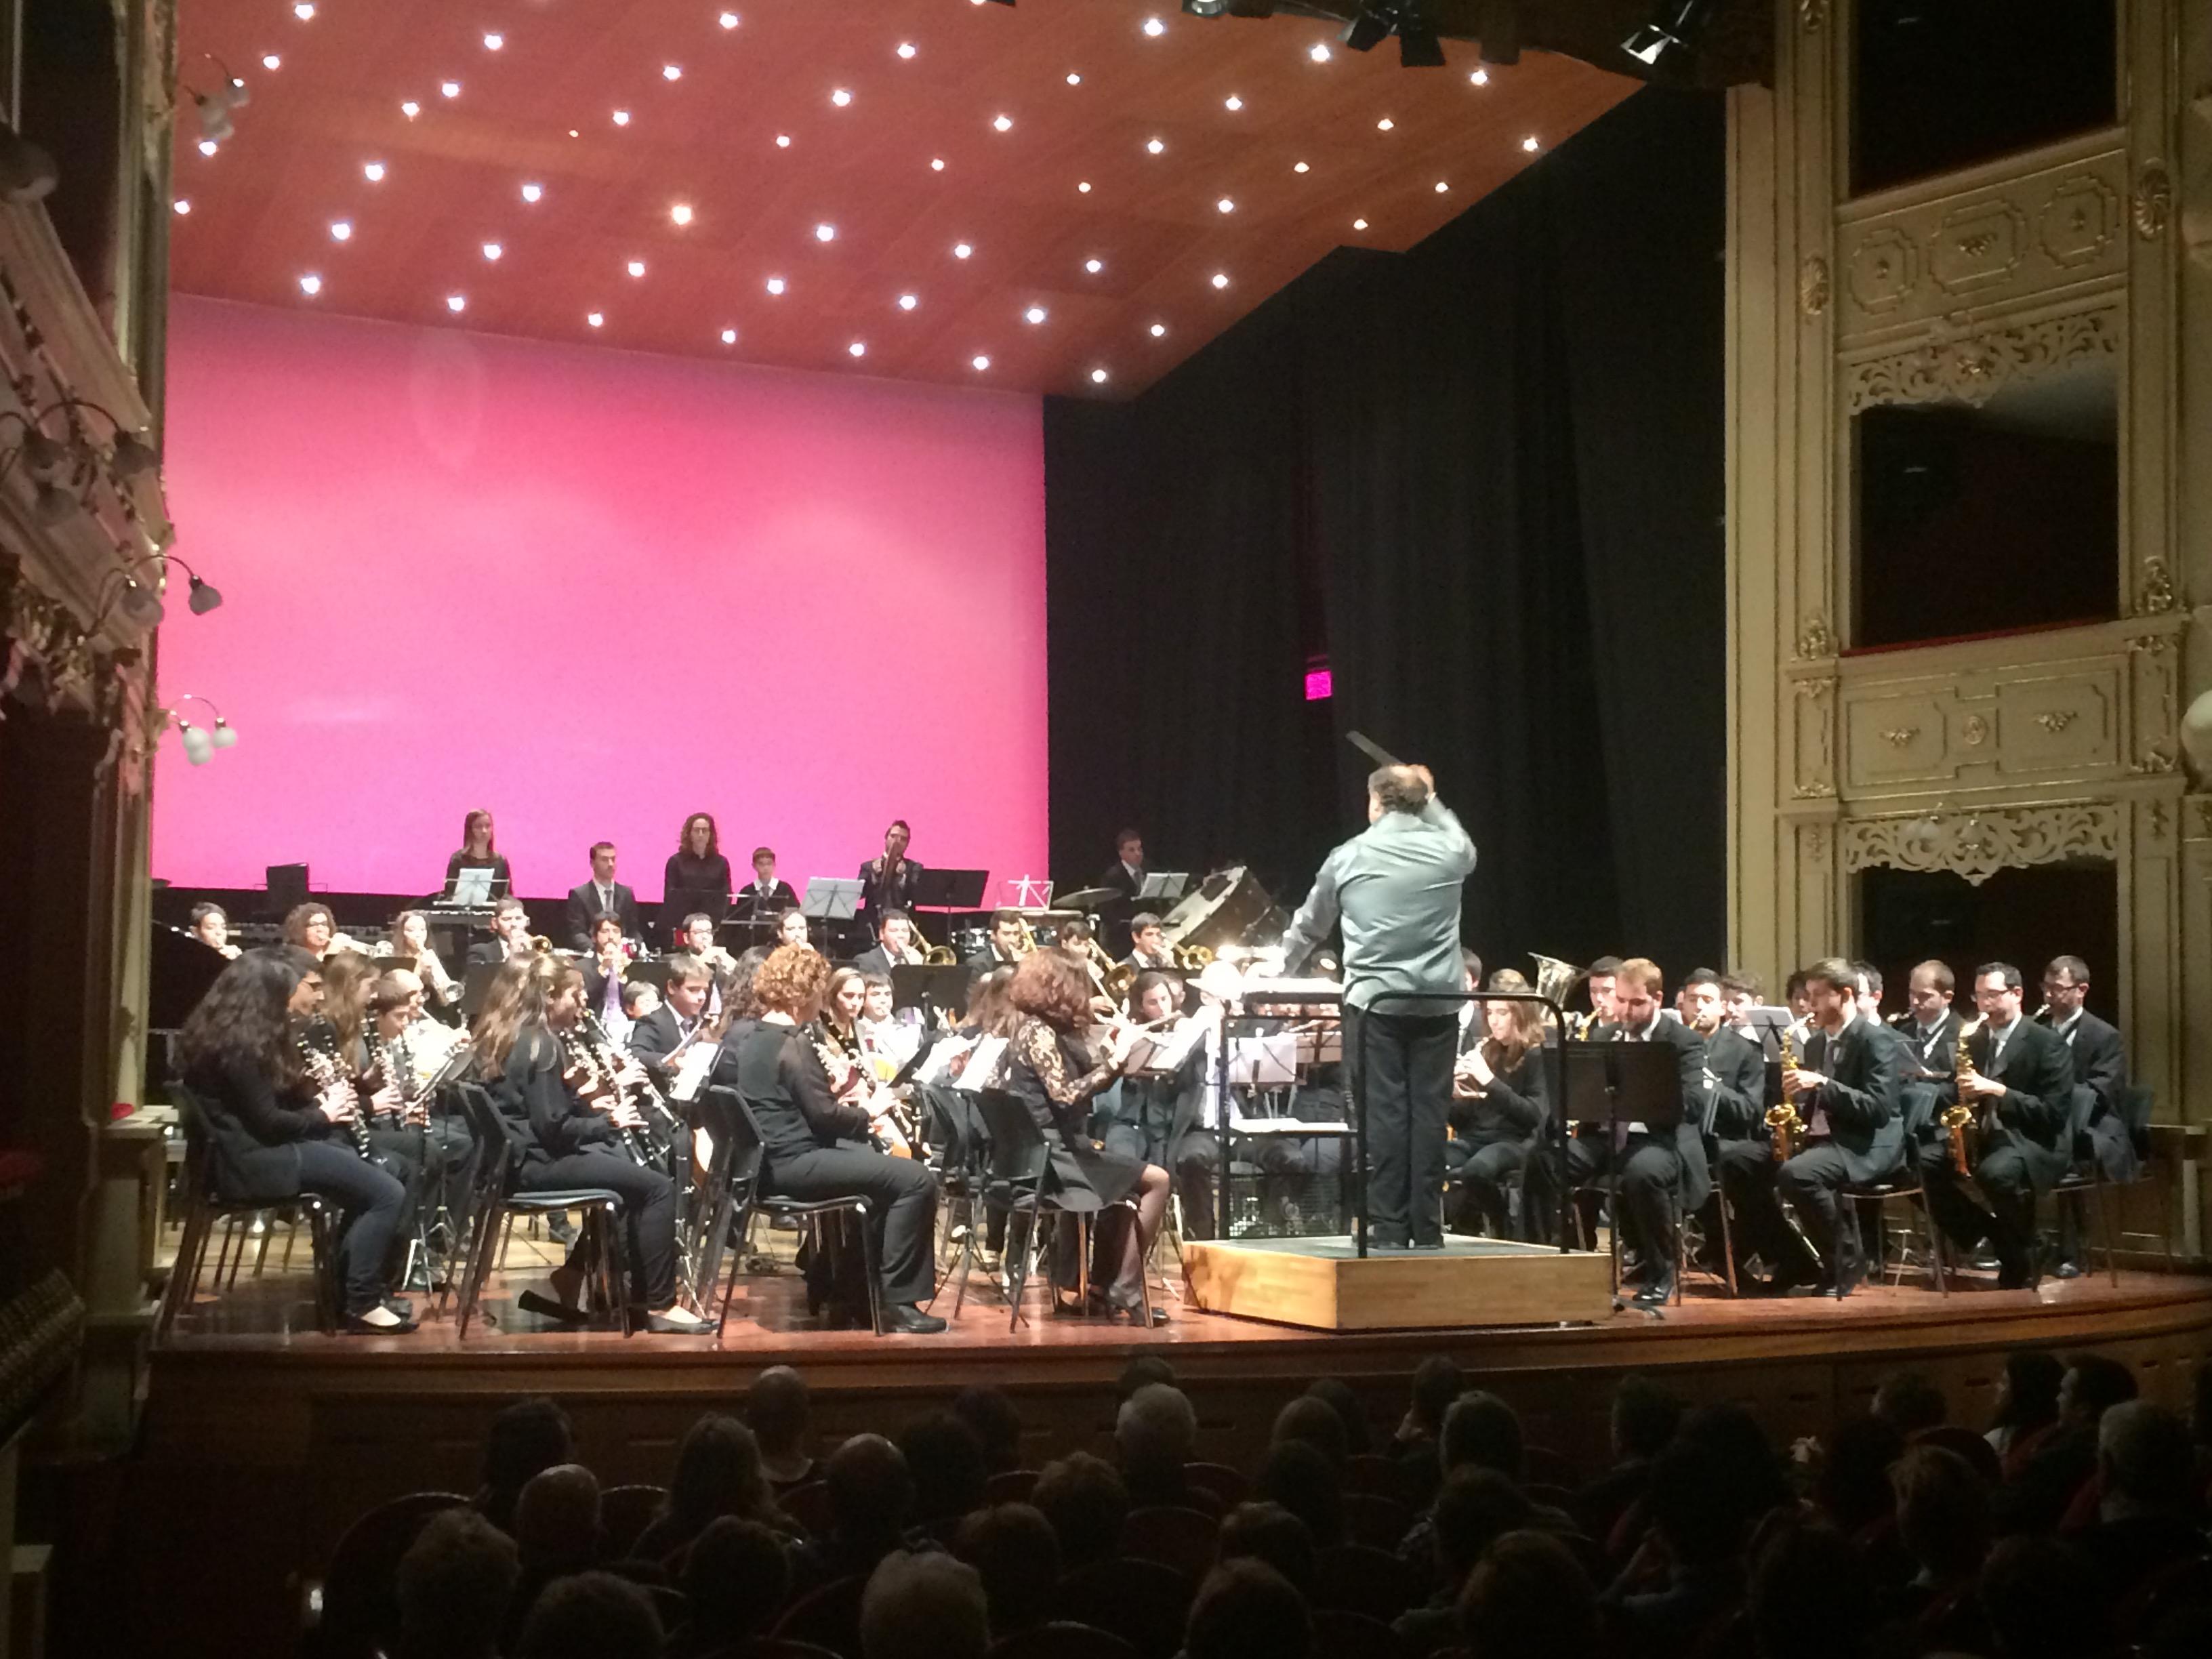 El jueves, 21 de marzo, se celebra el Día Europeo de la Música Antigua